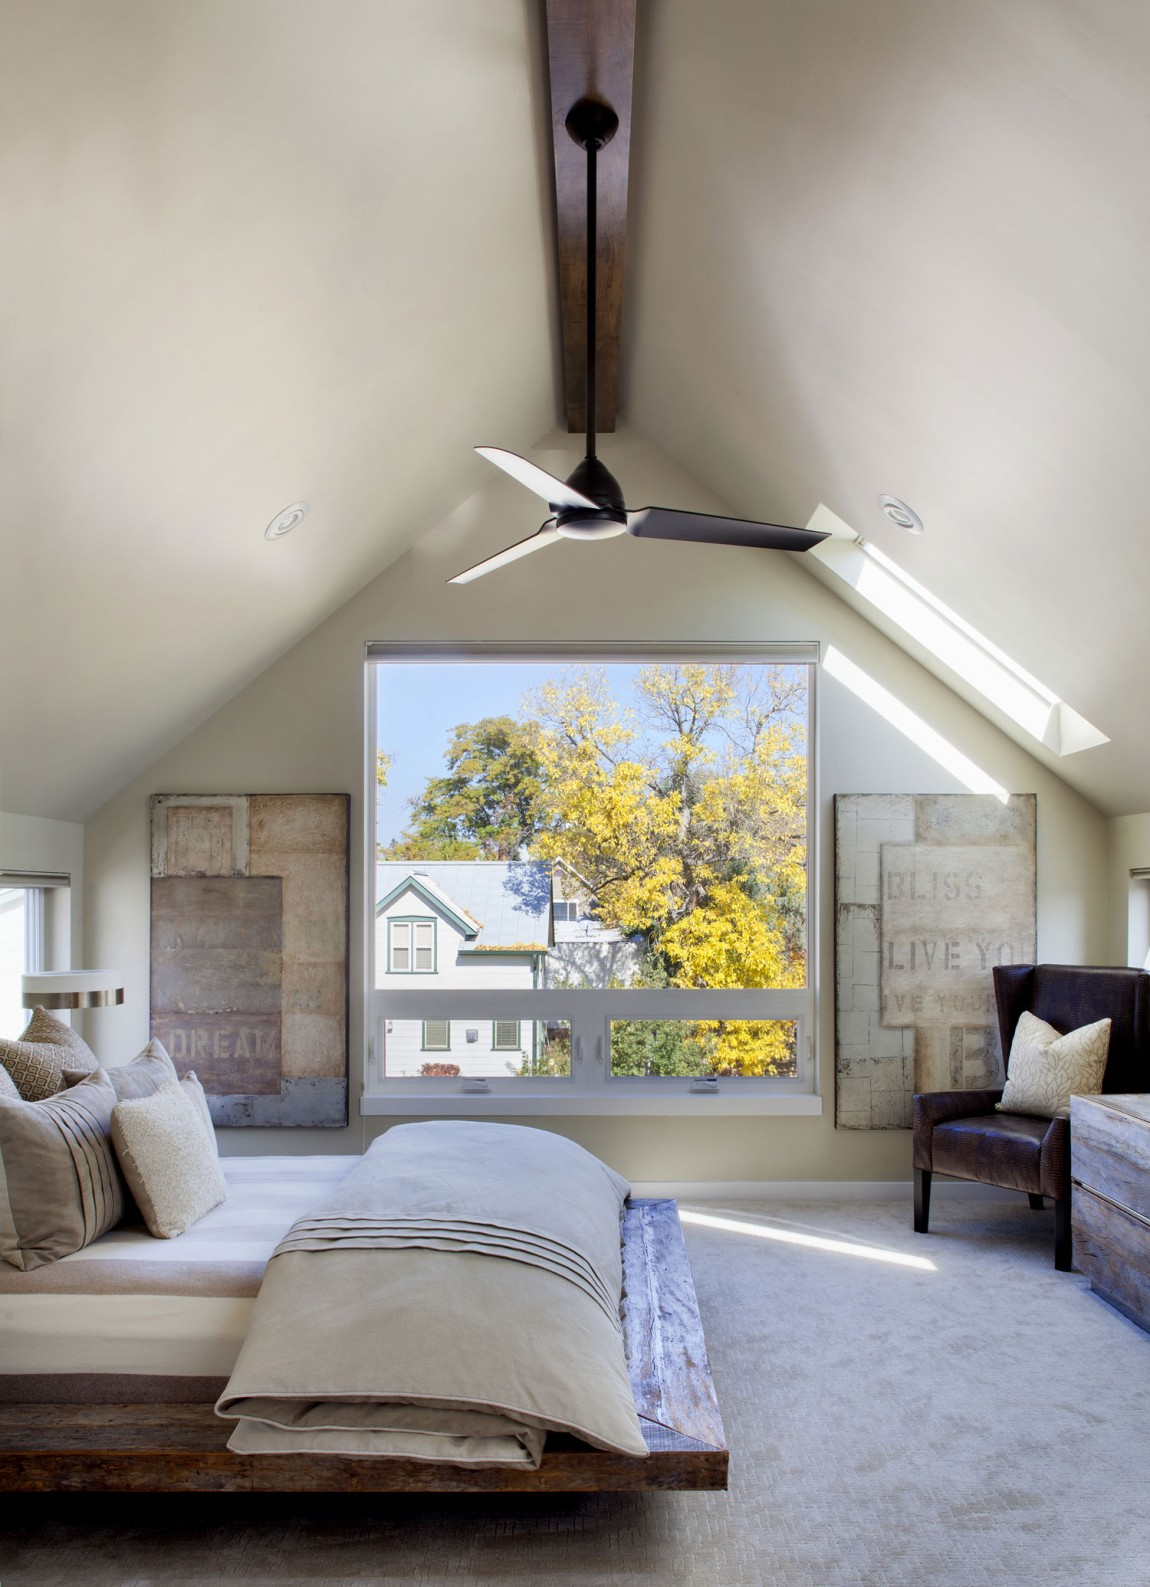 Шикарные шторы в дизайне интерьера помещения